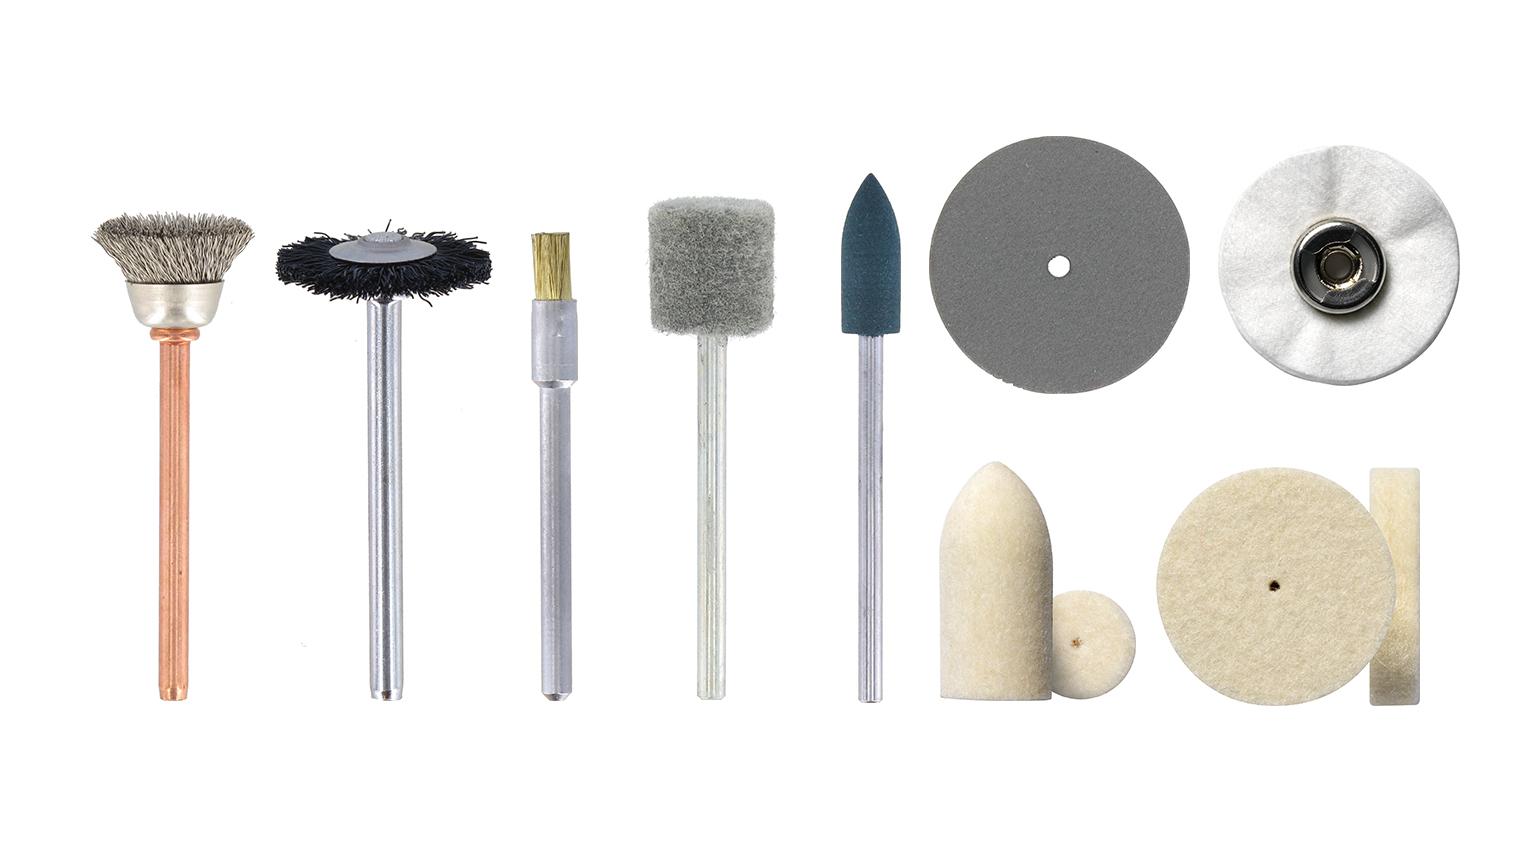 Notre fiche technique comparative vous aidera à trouver les accessoires de nettoyage et polissage adéquats.